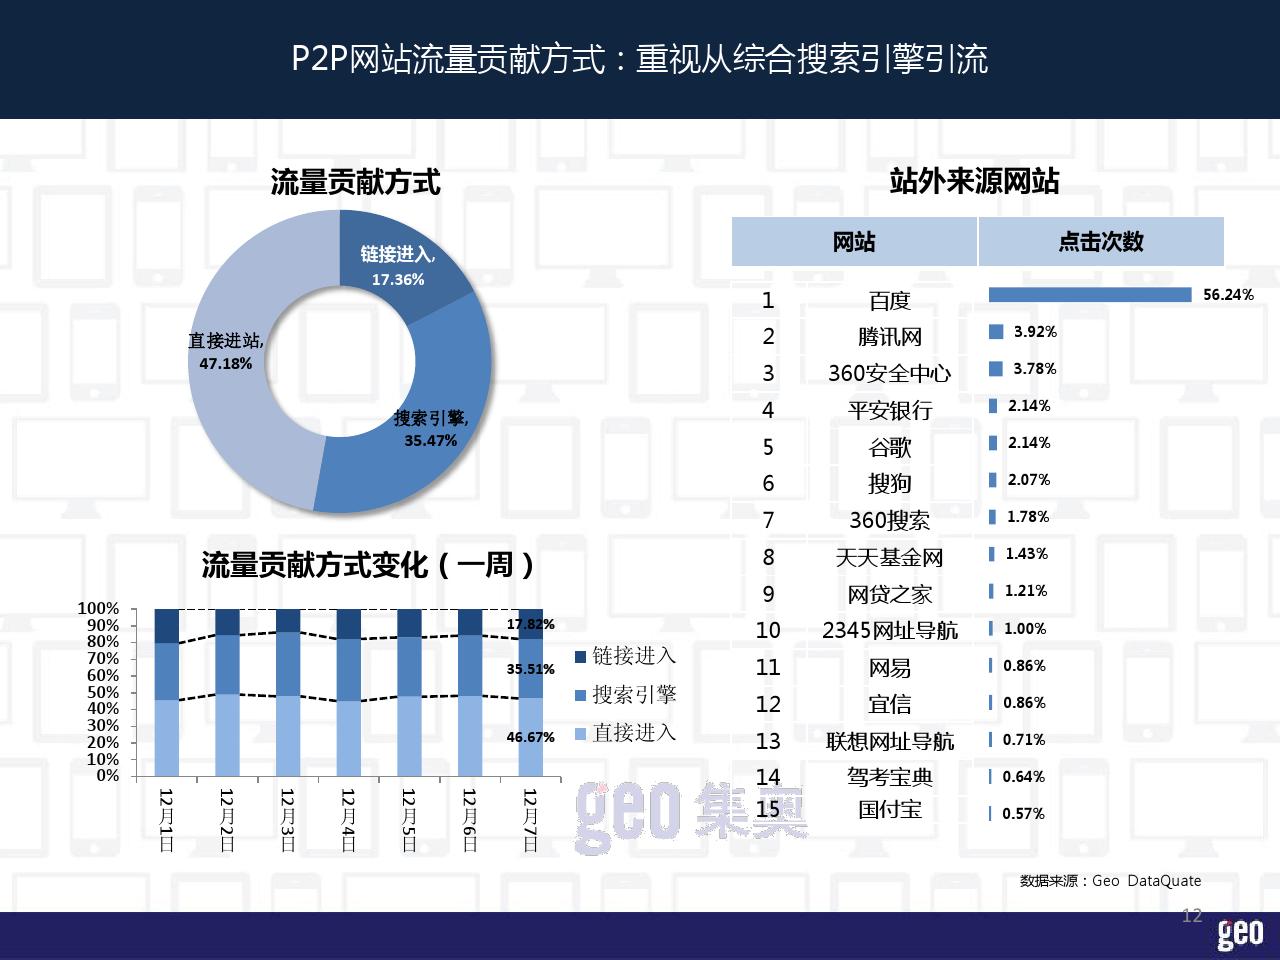 P2P行业洞察报告_000012